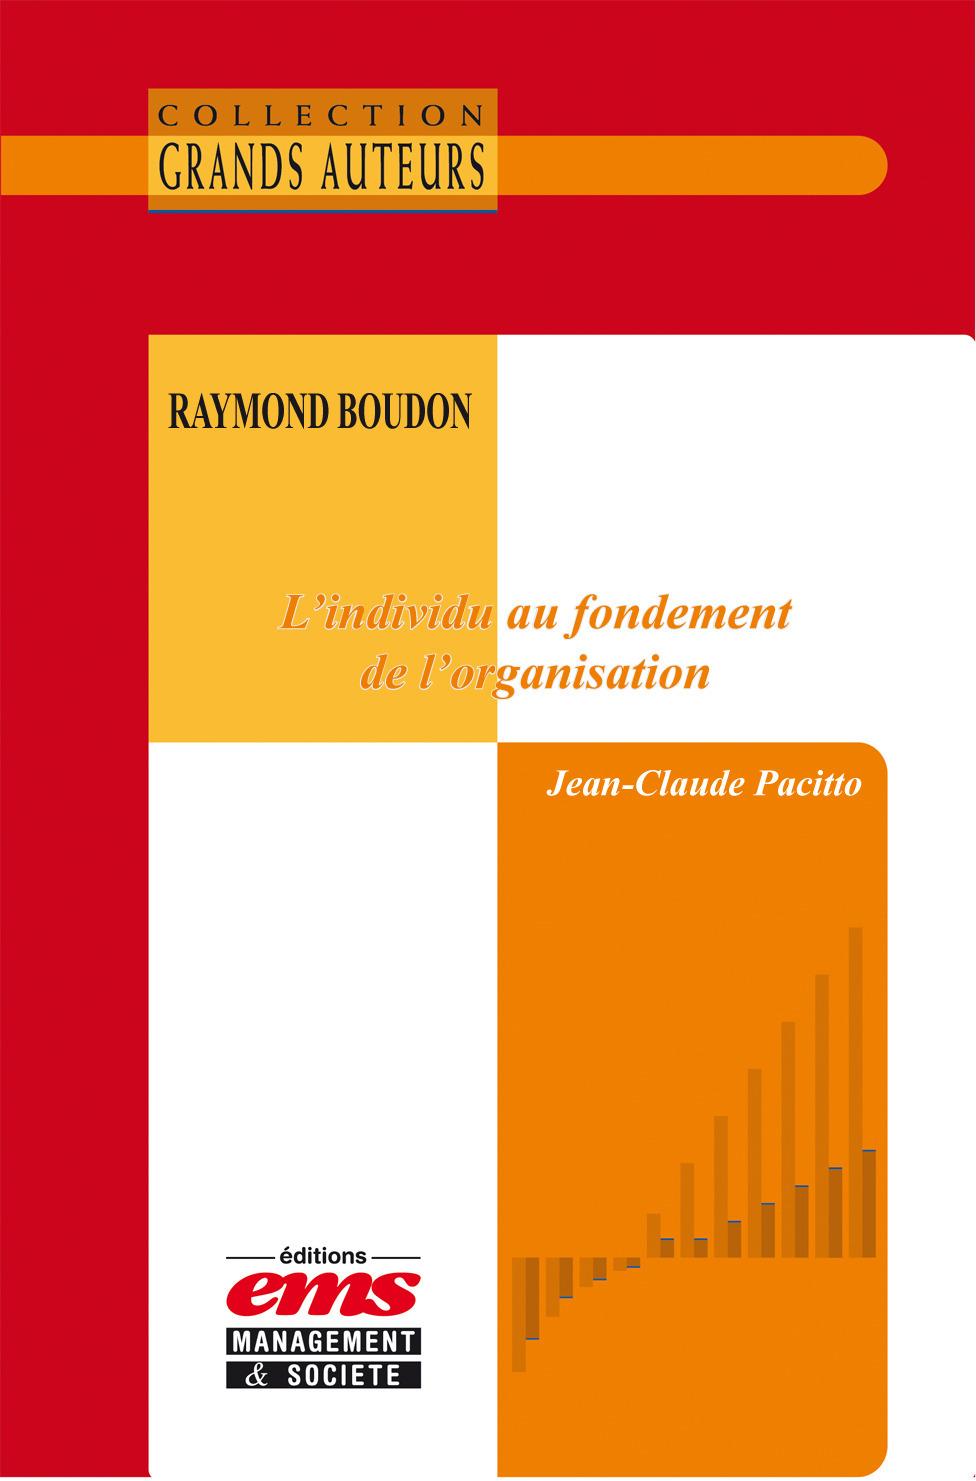 Raymond Boudon - L'individu au fondement de l'organisation